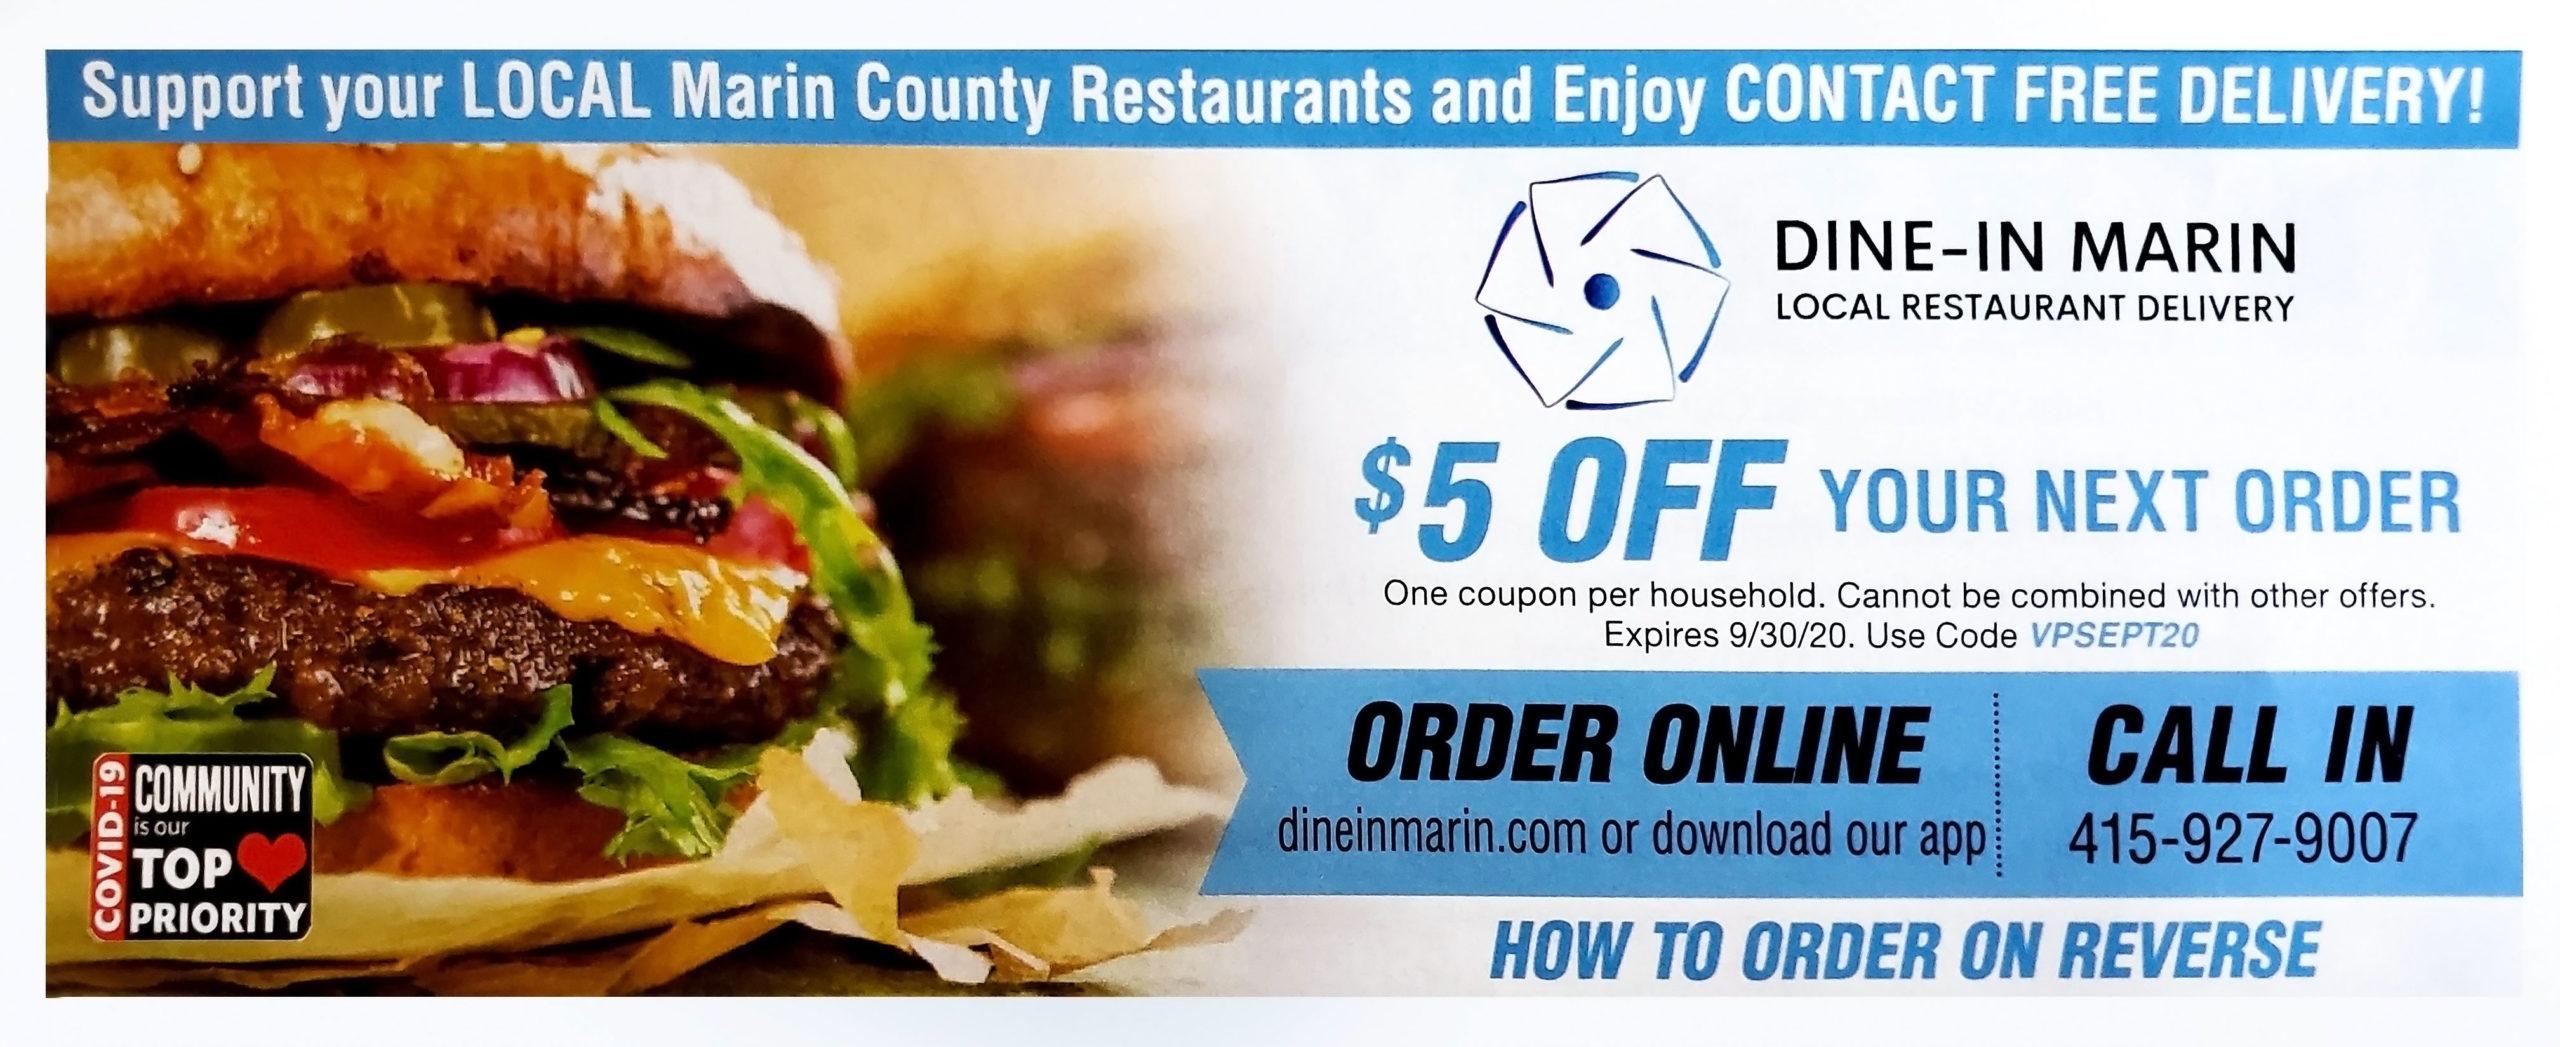 Dine-In Marin - Support Local Restaurants